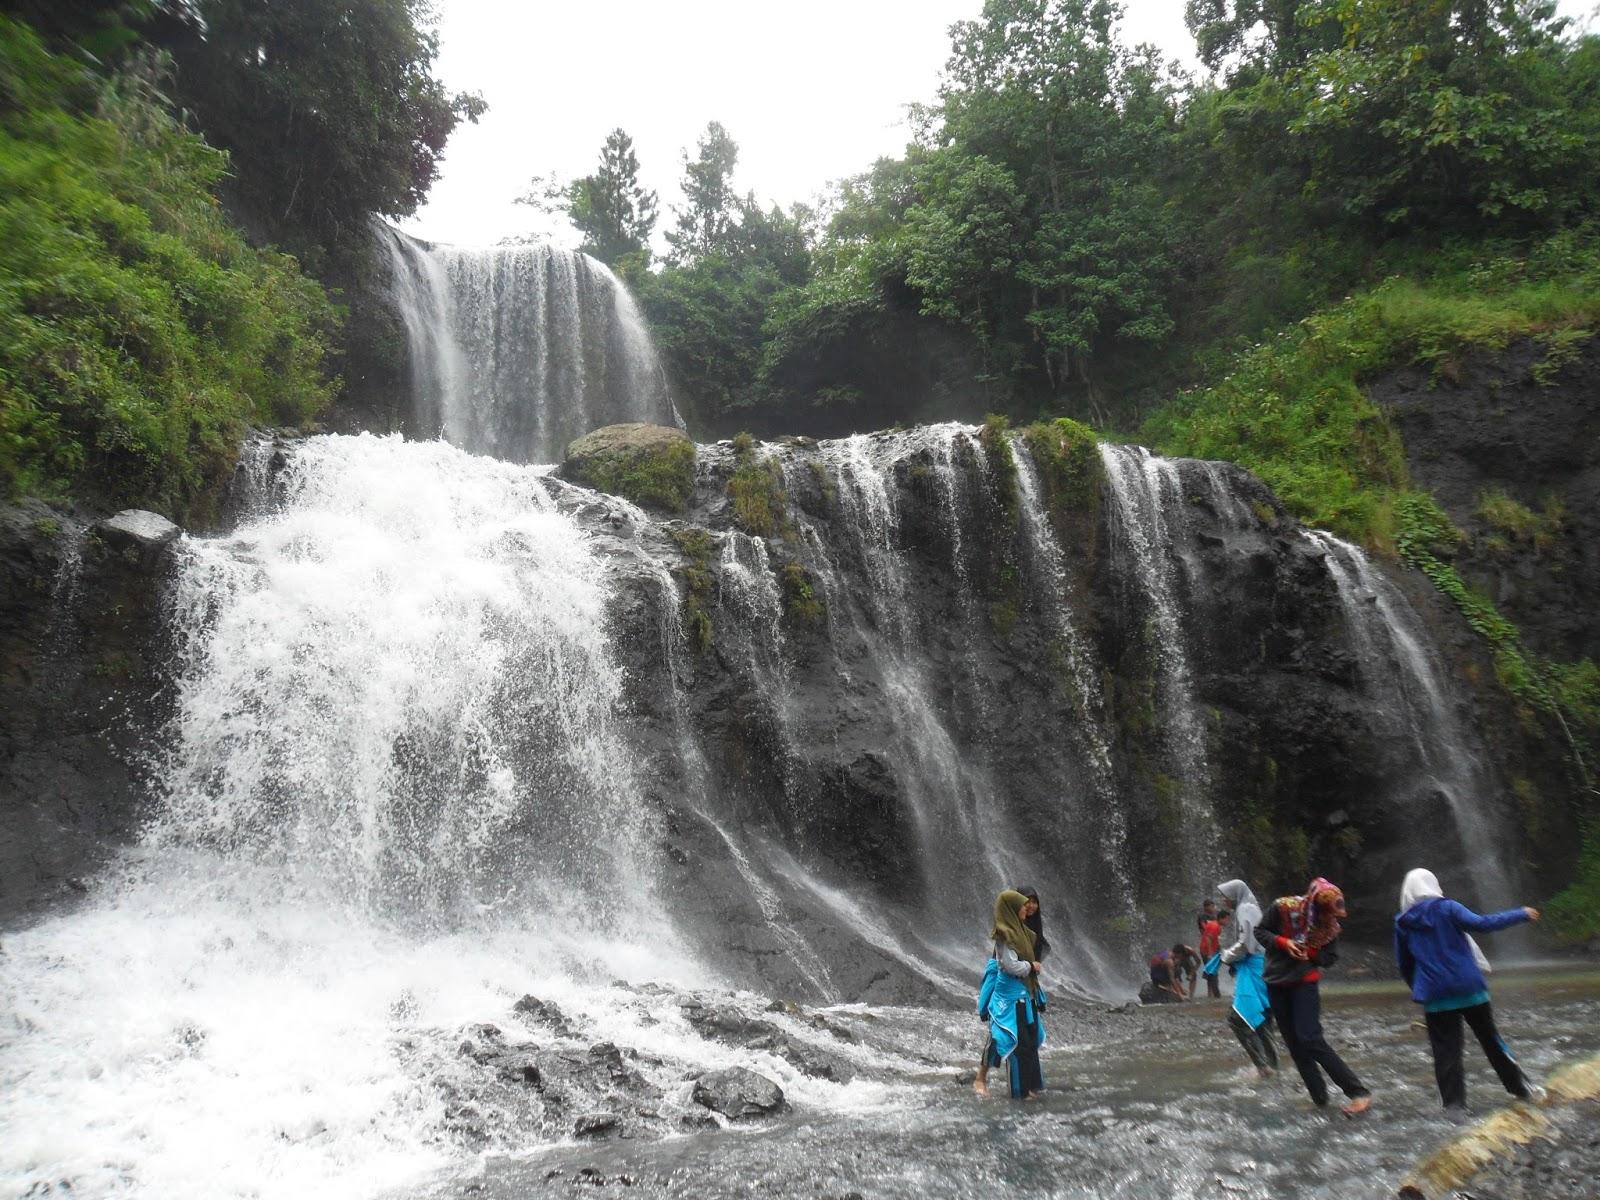 Tempat Wisata Menarik Kebumen Brrrwisata Air Terjun Sudimoro Image Destinasiwisatakebumen